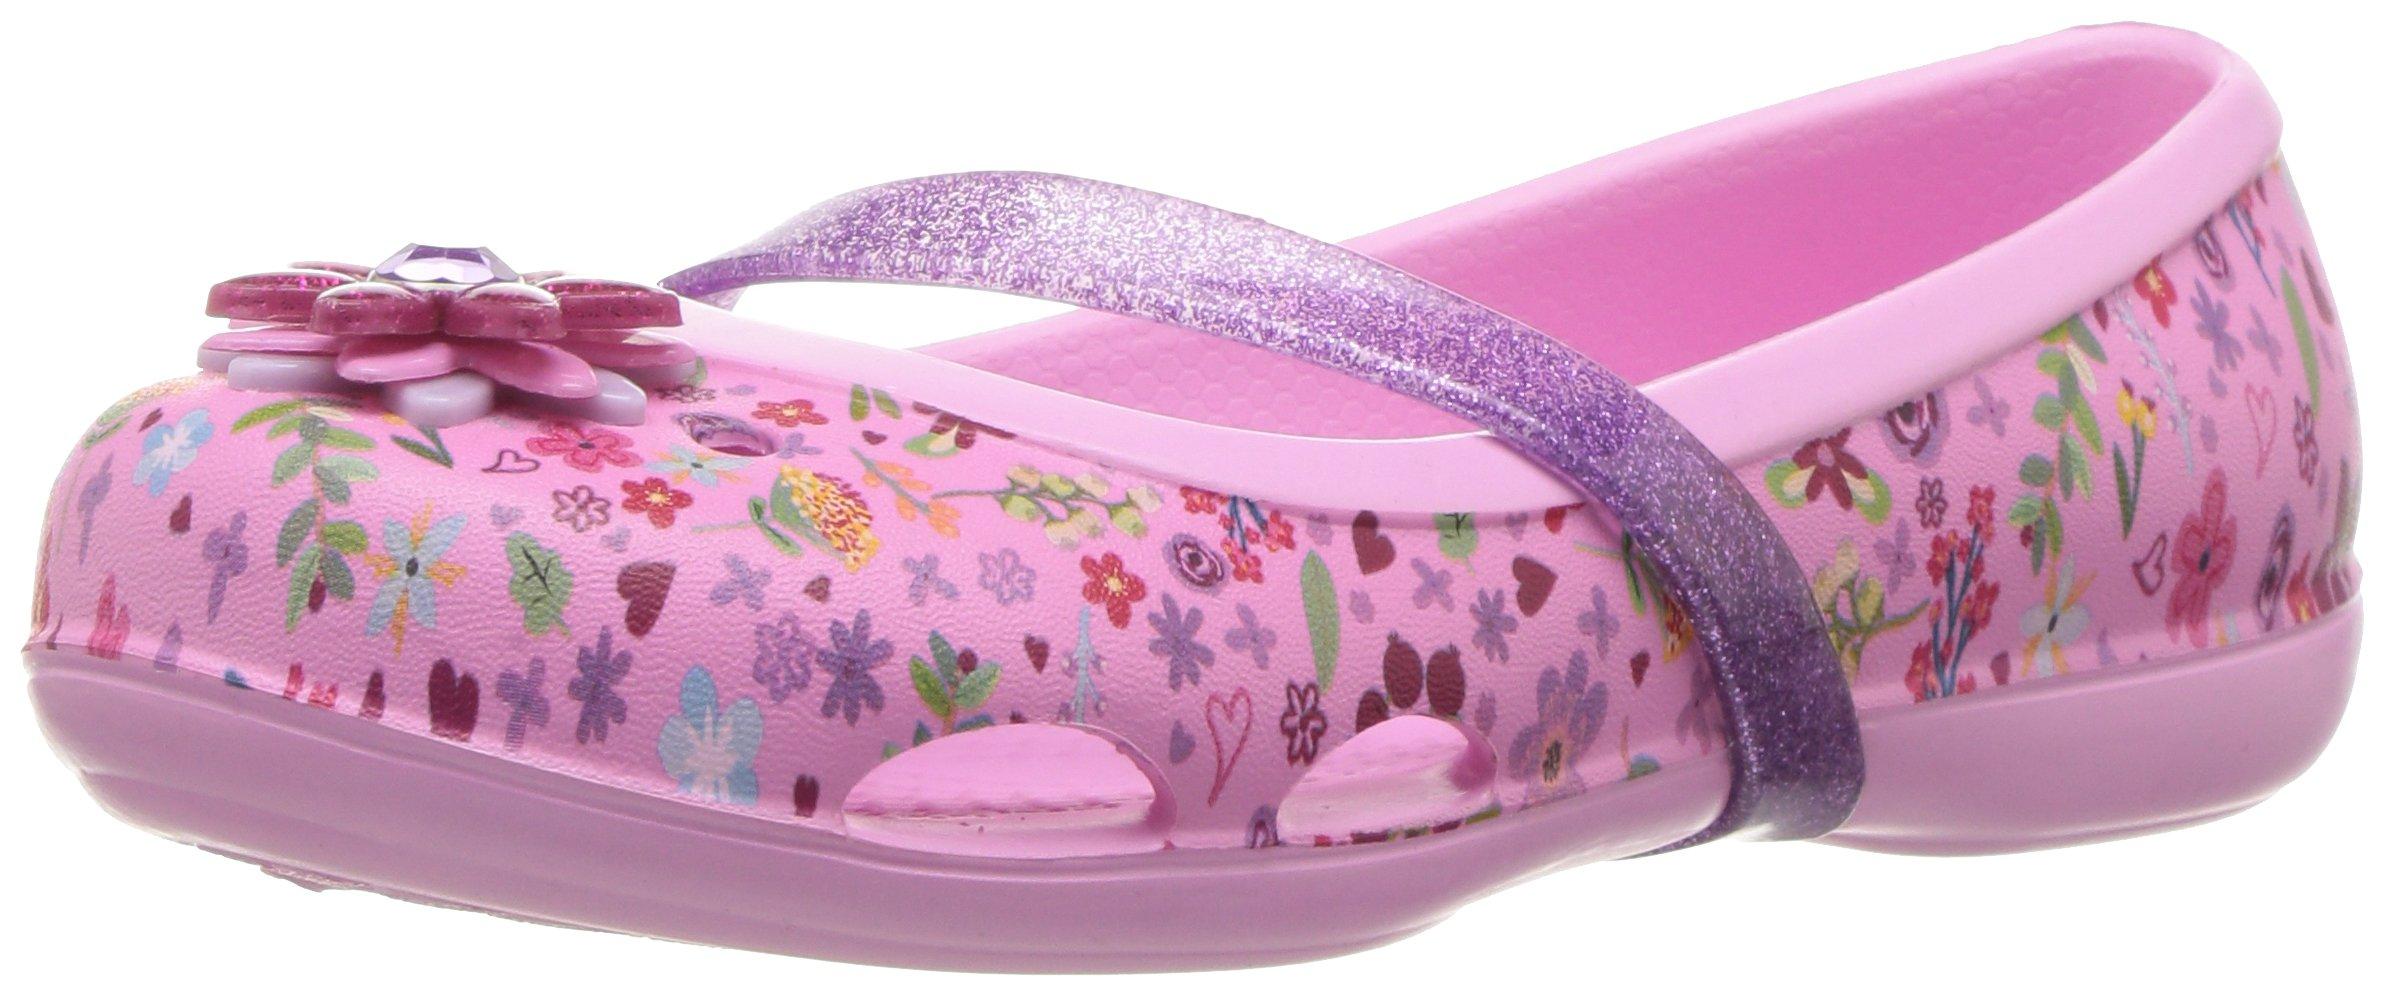 Crocs Kids' Lina Graphic GS Flat, Carnation/Iris, 9 M US Toddler